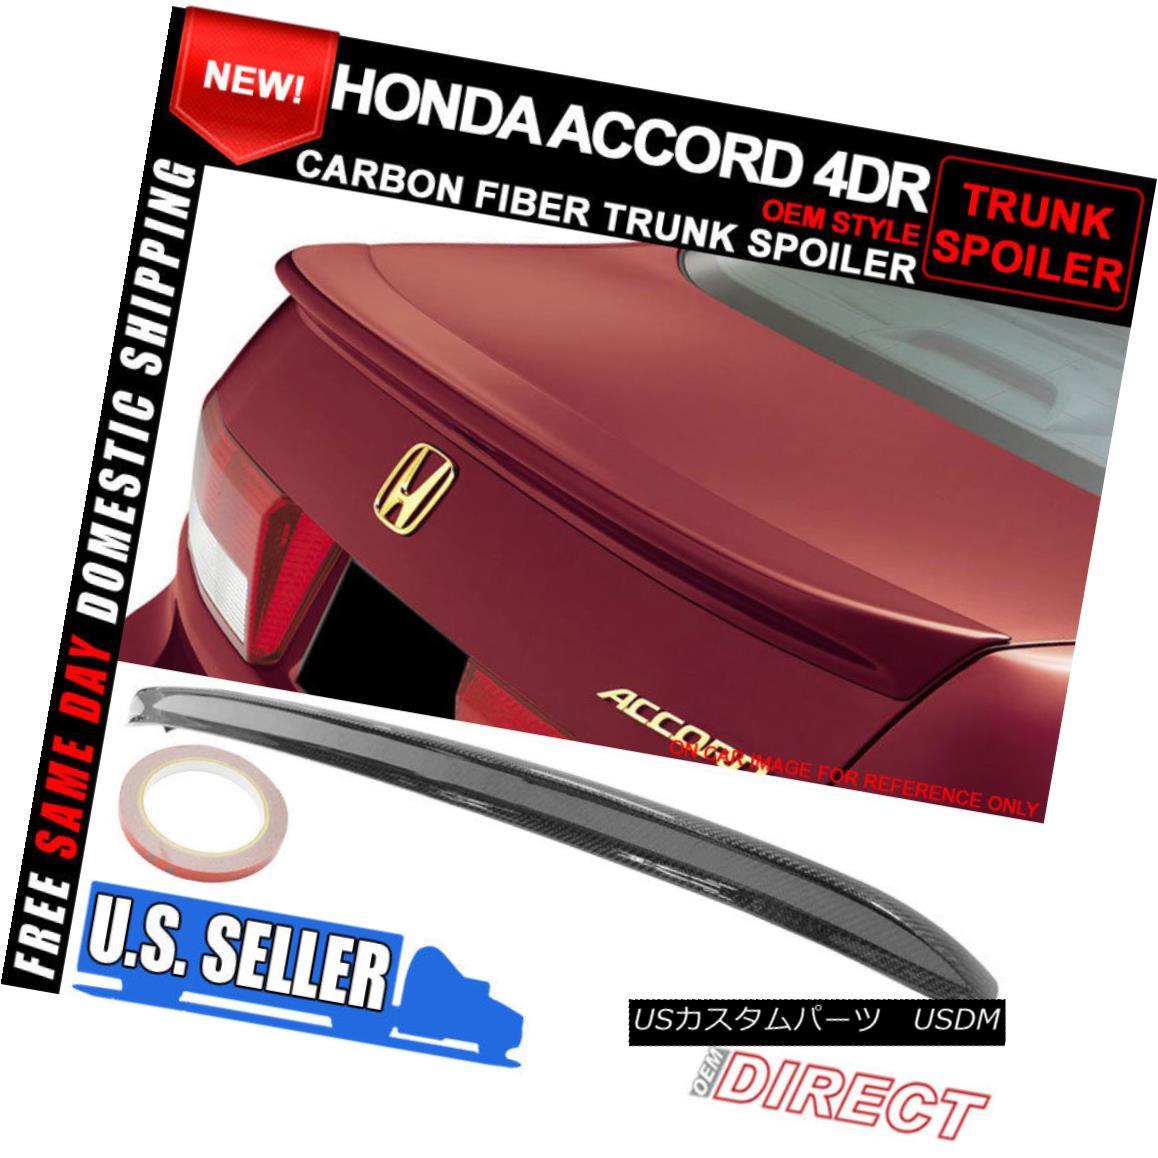 エアロパーツ 03-05 Honda Accord 4D 4DR 4 Door Sedan OE Style Trunk Spoiler Carbon Fiber CF 03-05ホンダアコード4D 4DR 4ドアセダンOEスタイルトランクスポイラーカーボンファイバーCF